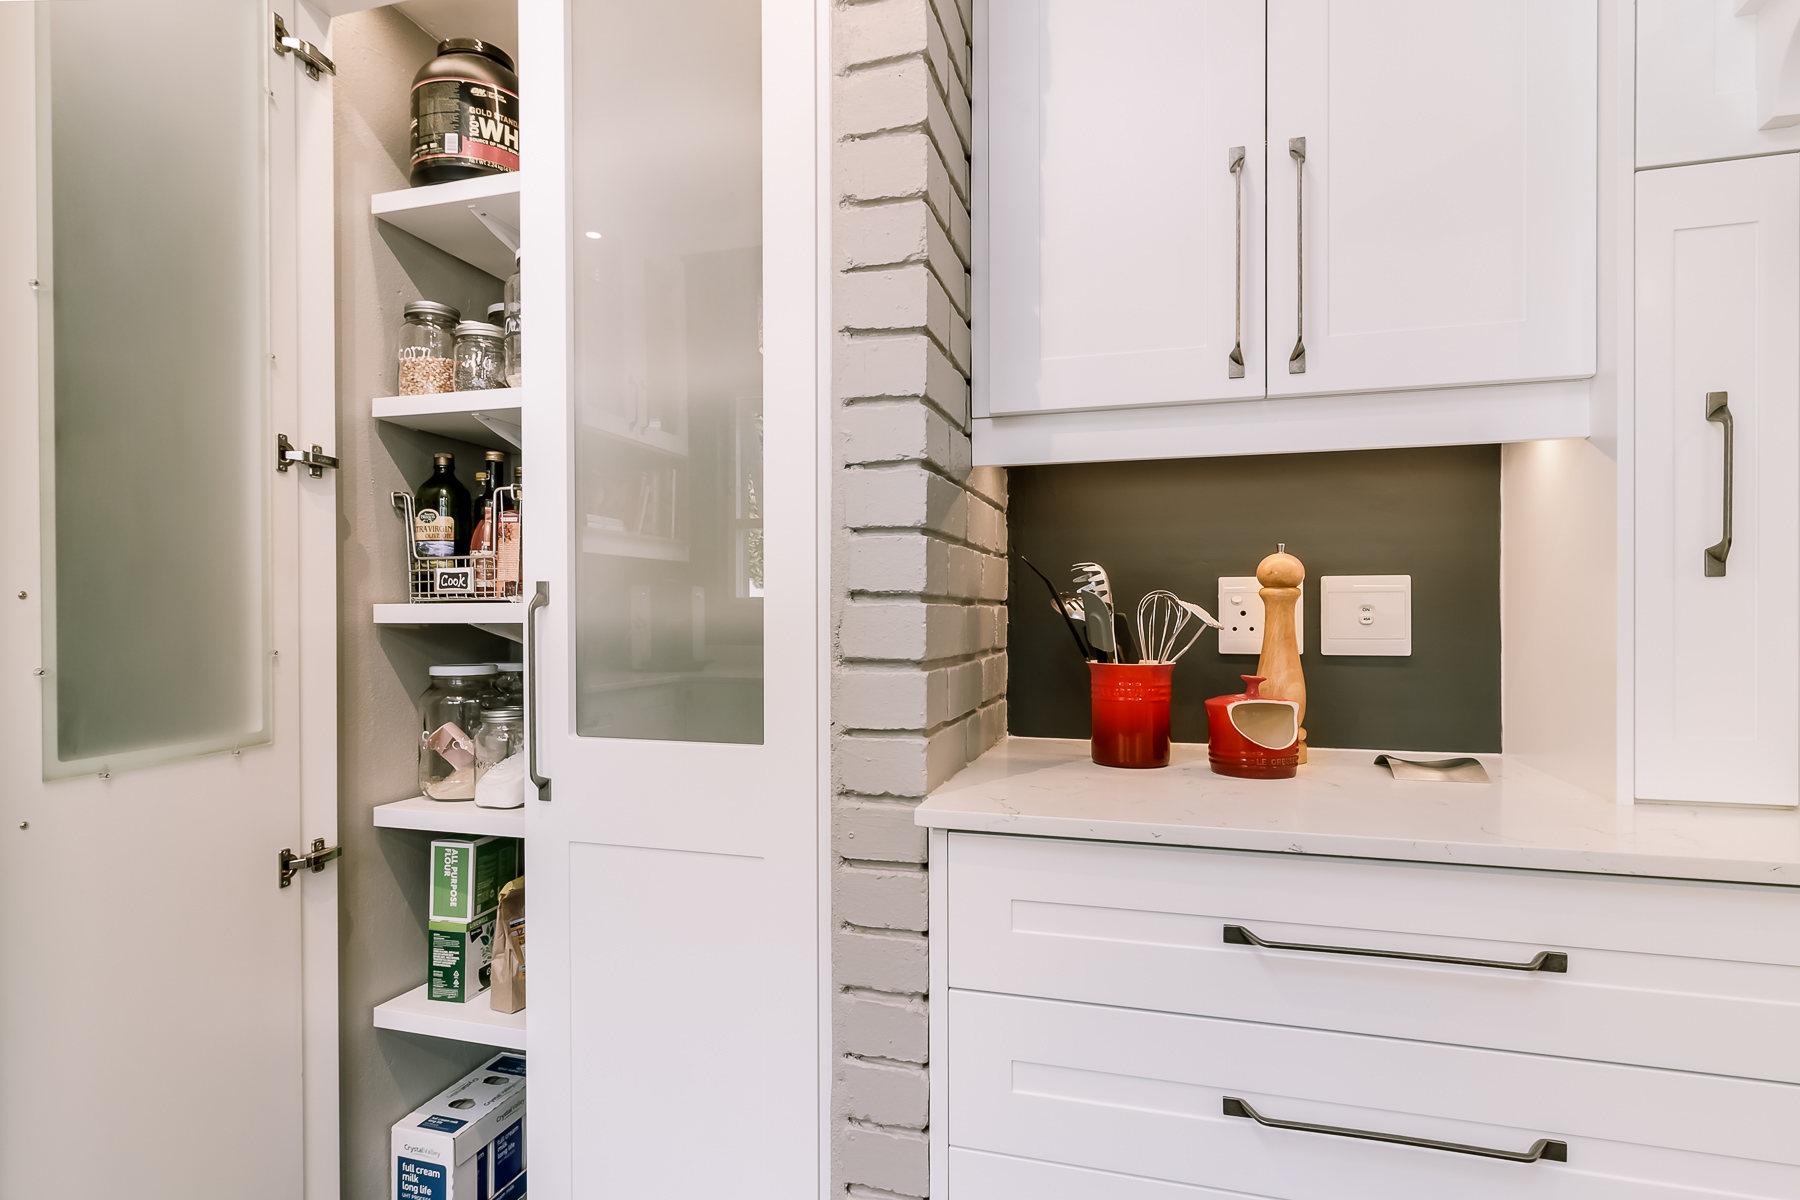 Bailey kitchen 4